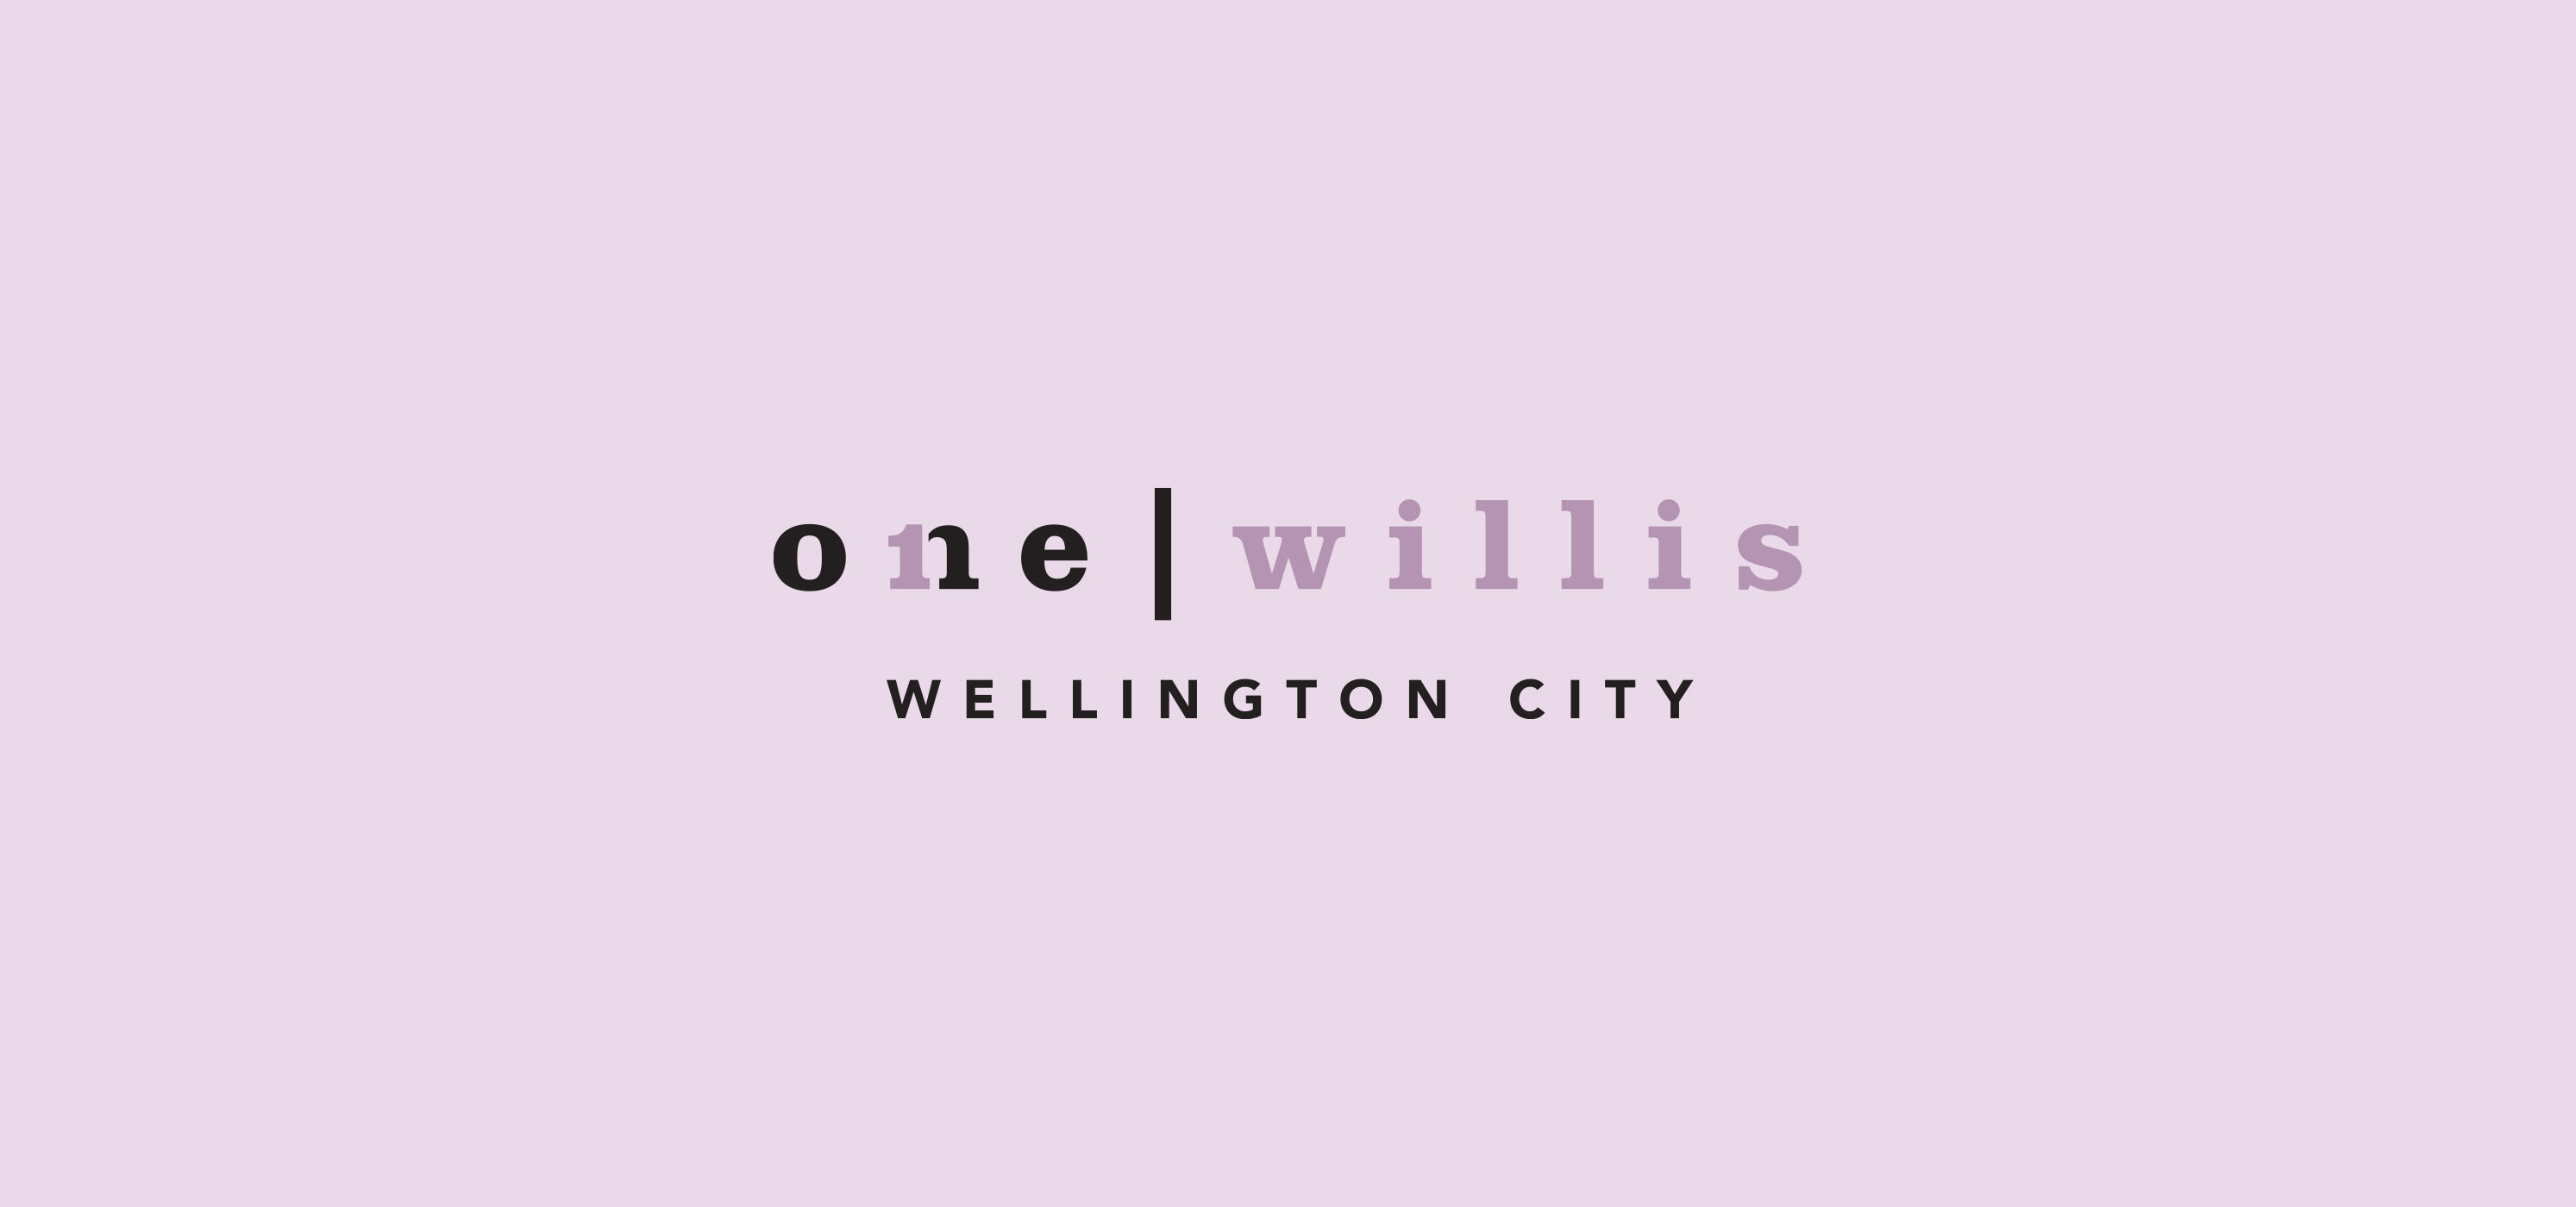 logos__0002_one willis